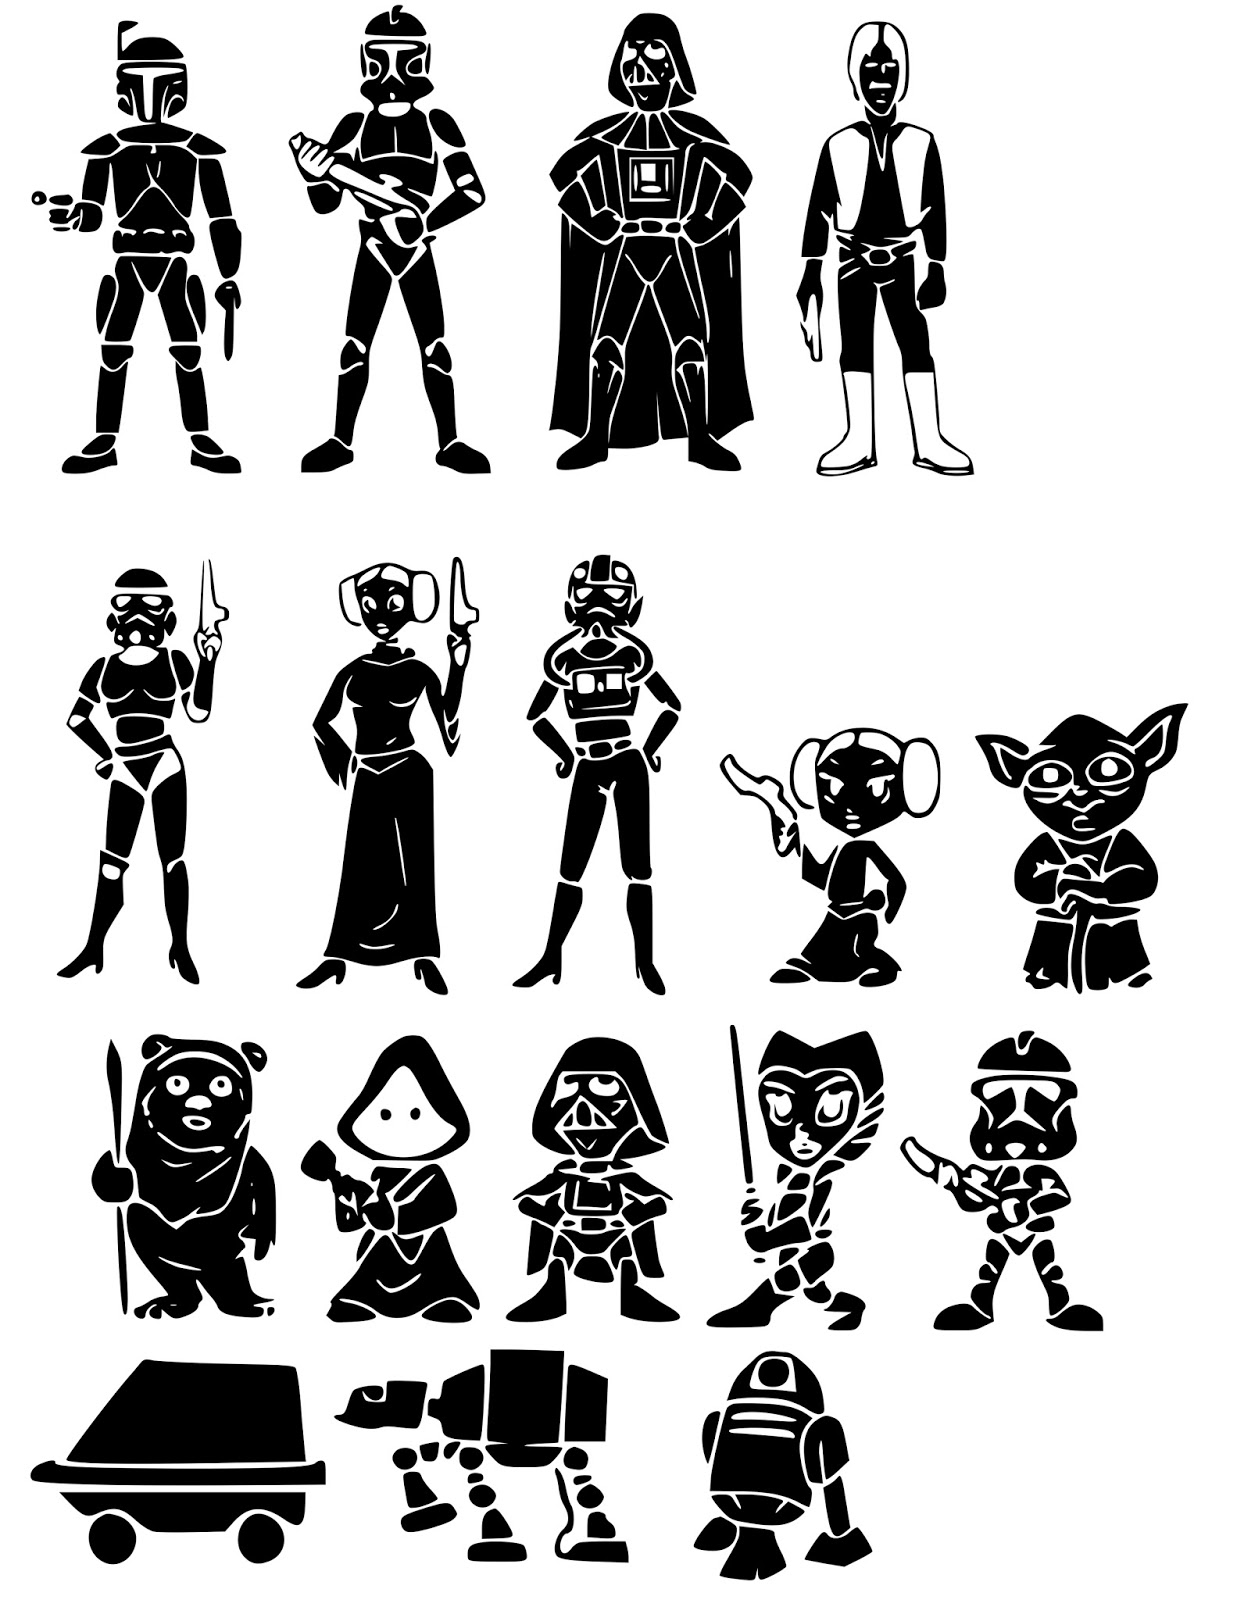 Siluetas de los personajes de star wars oh my fiesta friki - Siluetas para imprimir ...